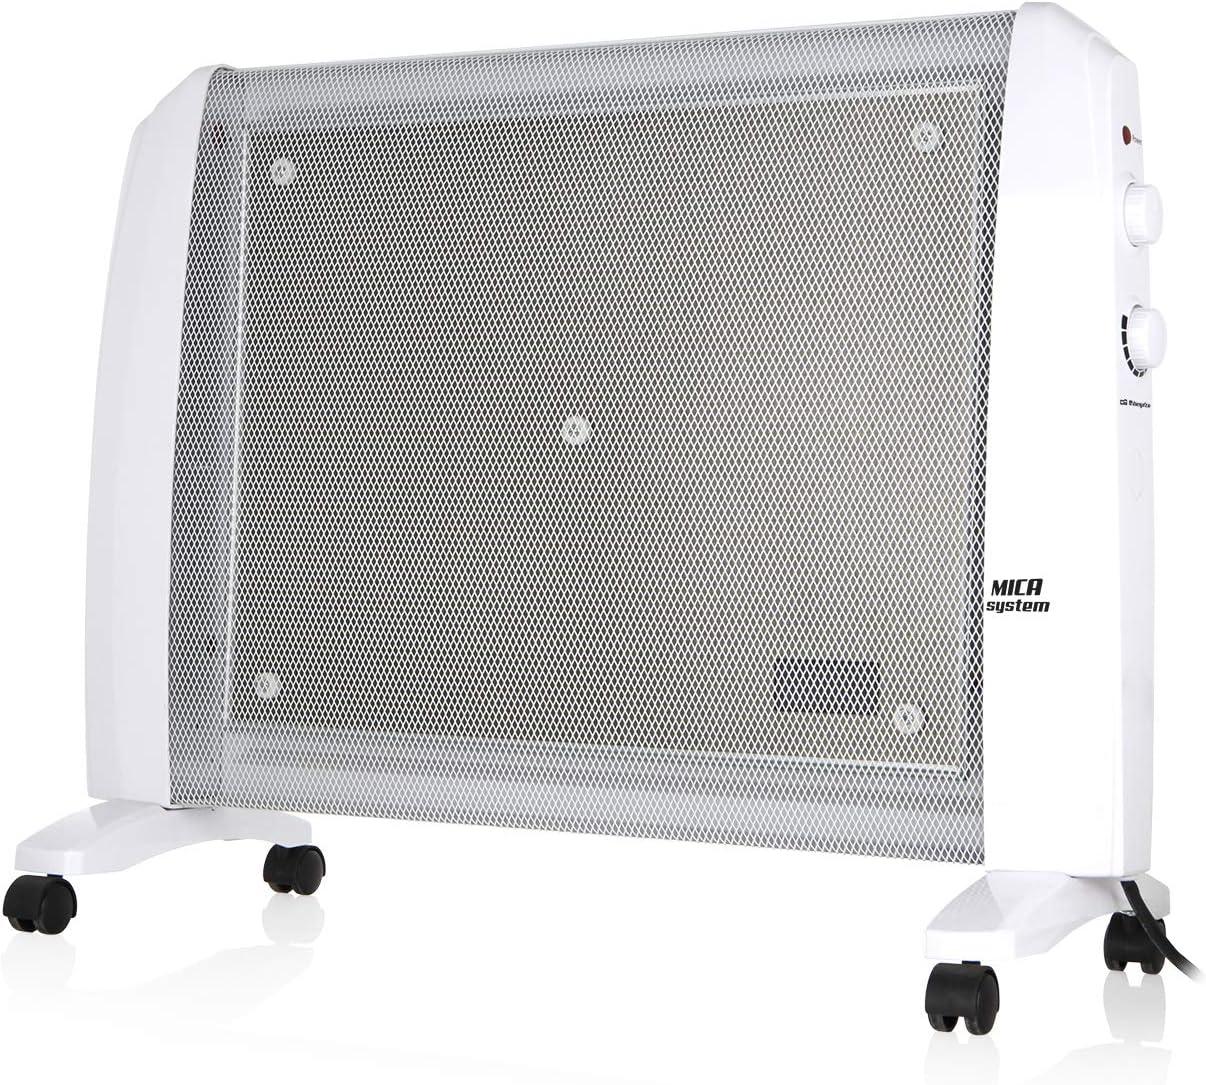 Orbegozo RM 2010 - Radiador de MICA, 2000 W, sistema antivuelco, termostato regulable, no consume oxígeno, protección contra sobrecalentamiento, sin fluido